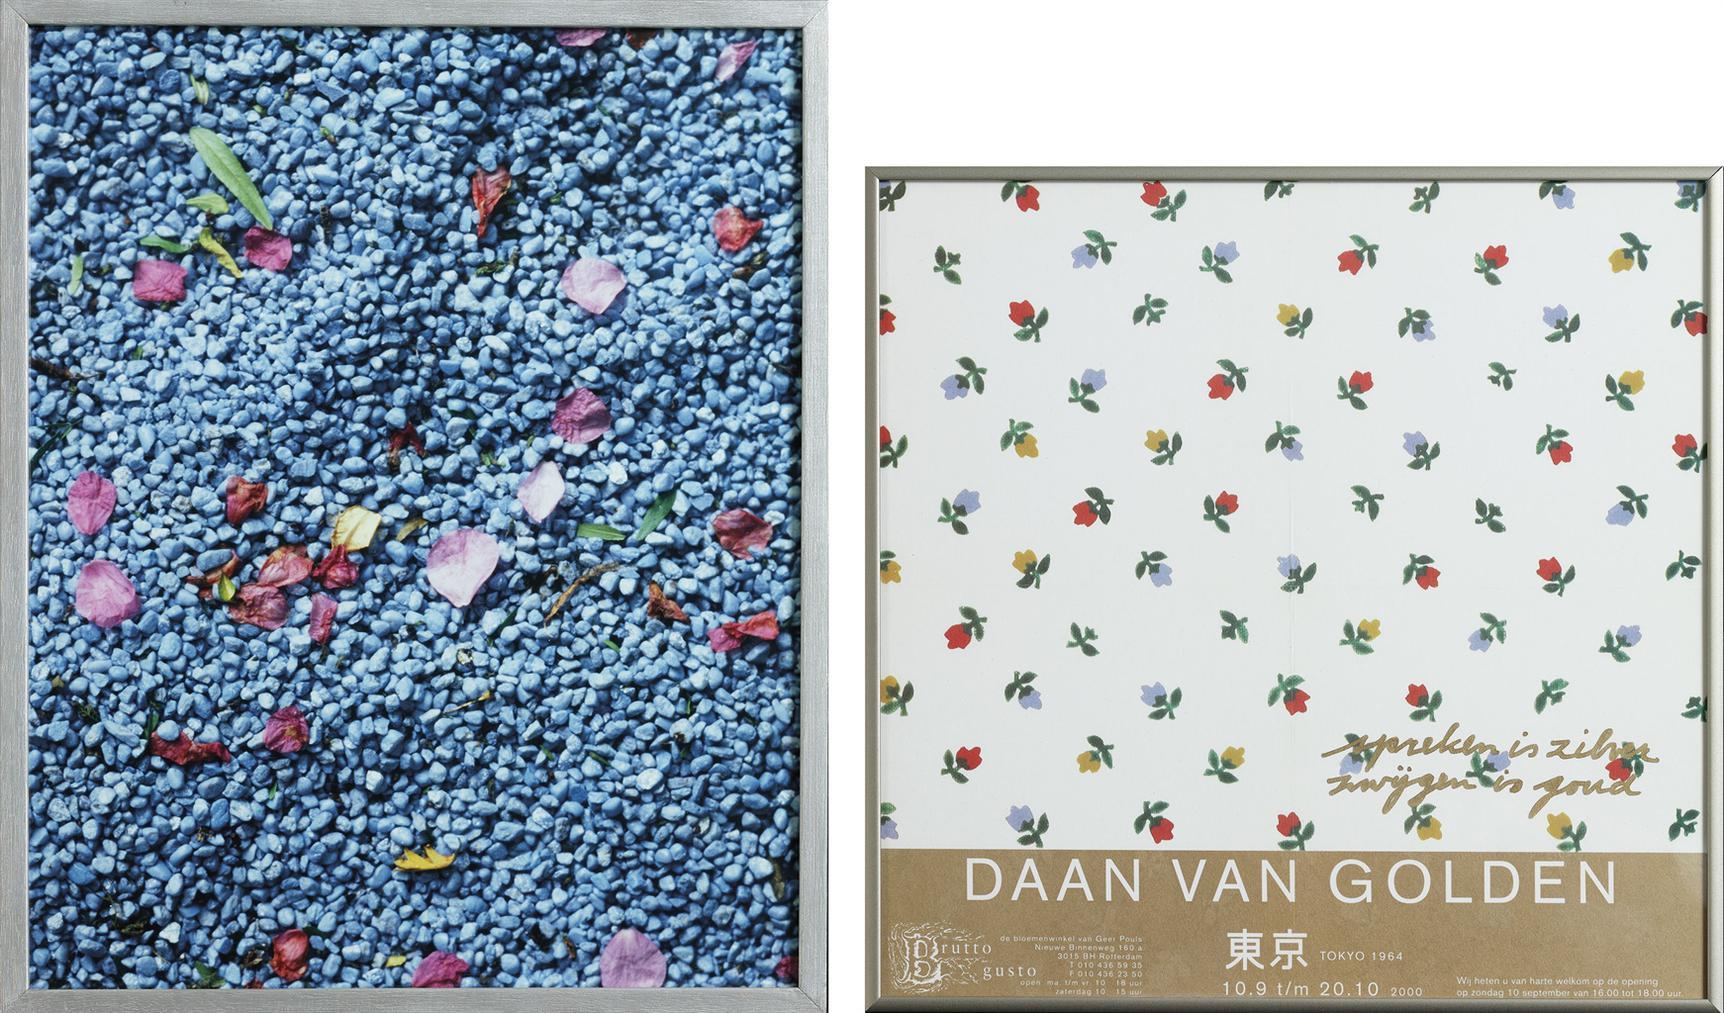 Daan van Golden-(I) Agua Azul (II) Spreken Is Zilver, Zwijgen Is Goud (Speech Is Silver, Silence Is Golden)-2013